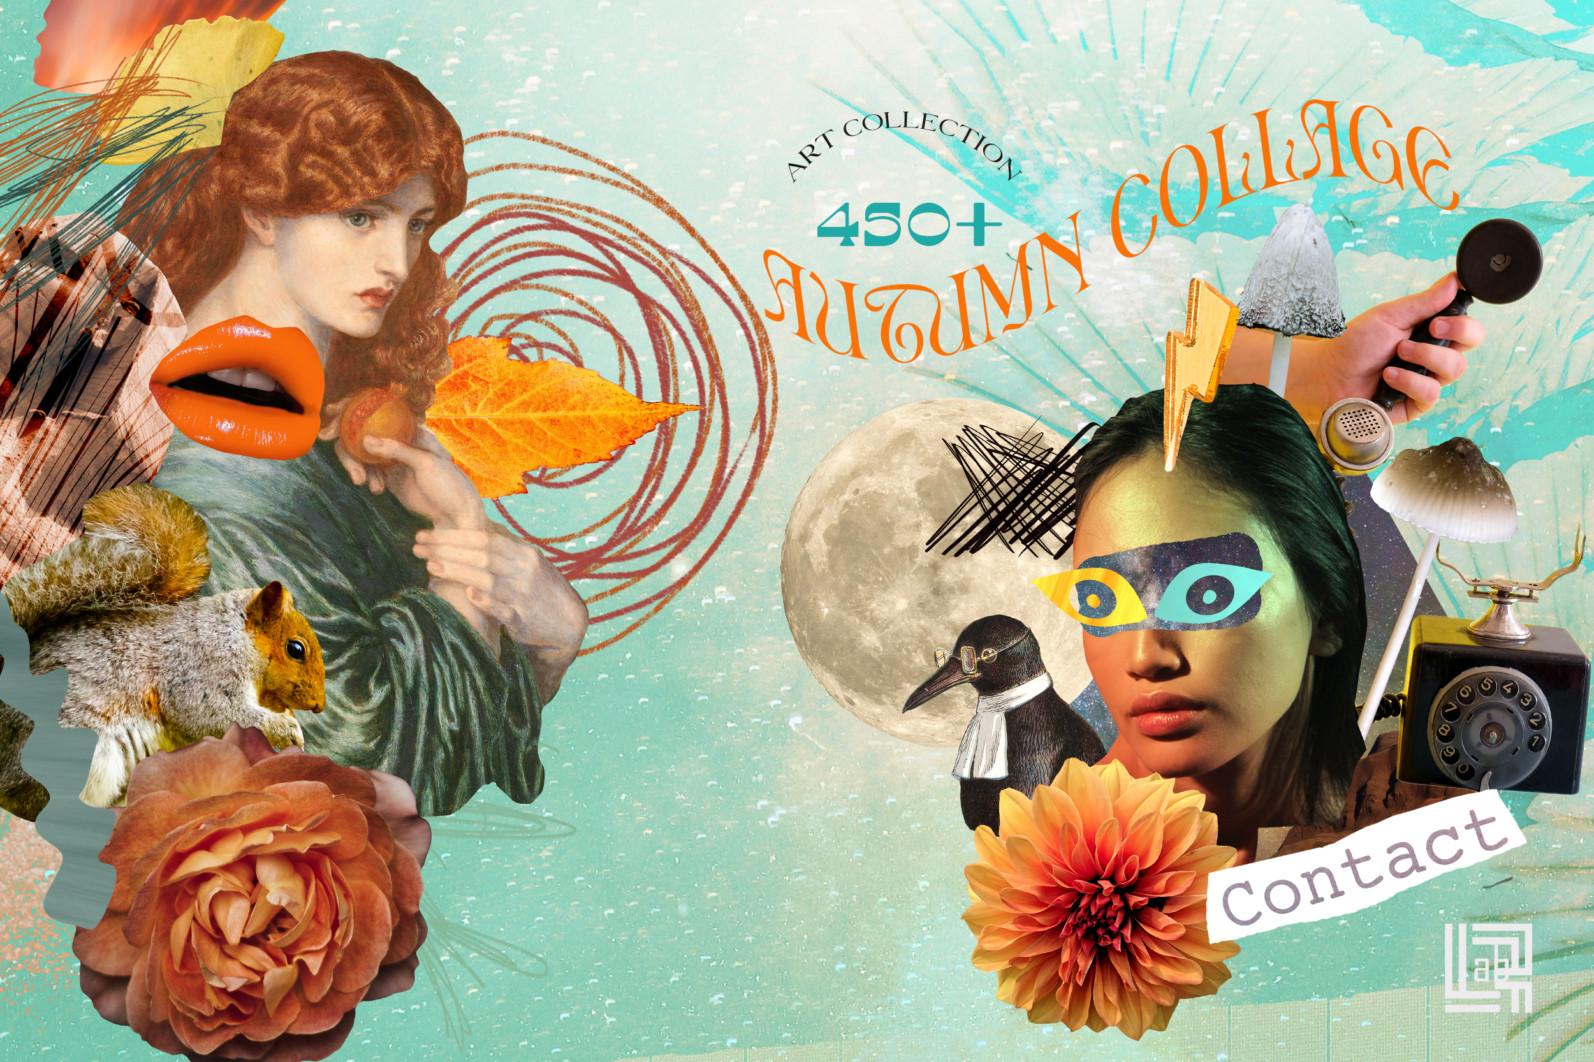 Autumn Collage. Surrealism - CM presentation 1a -